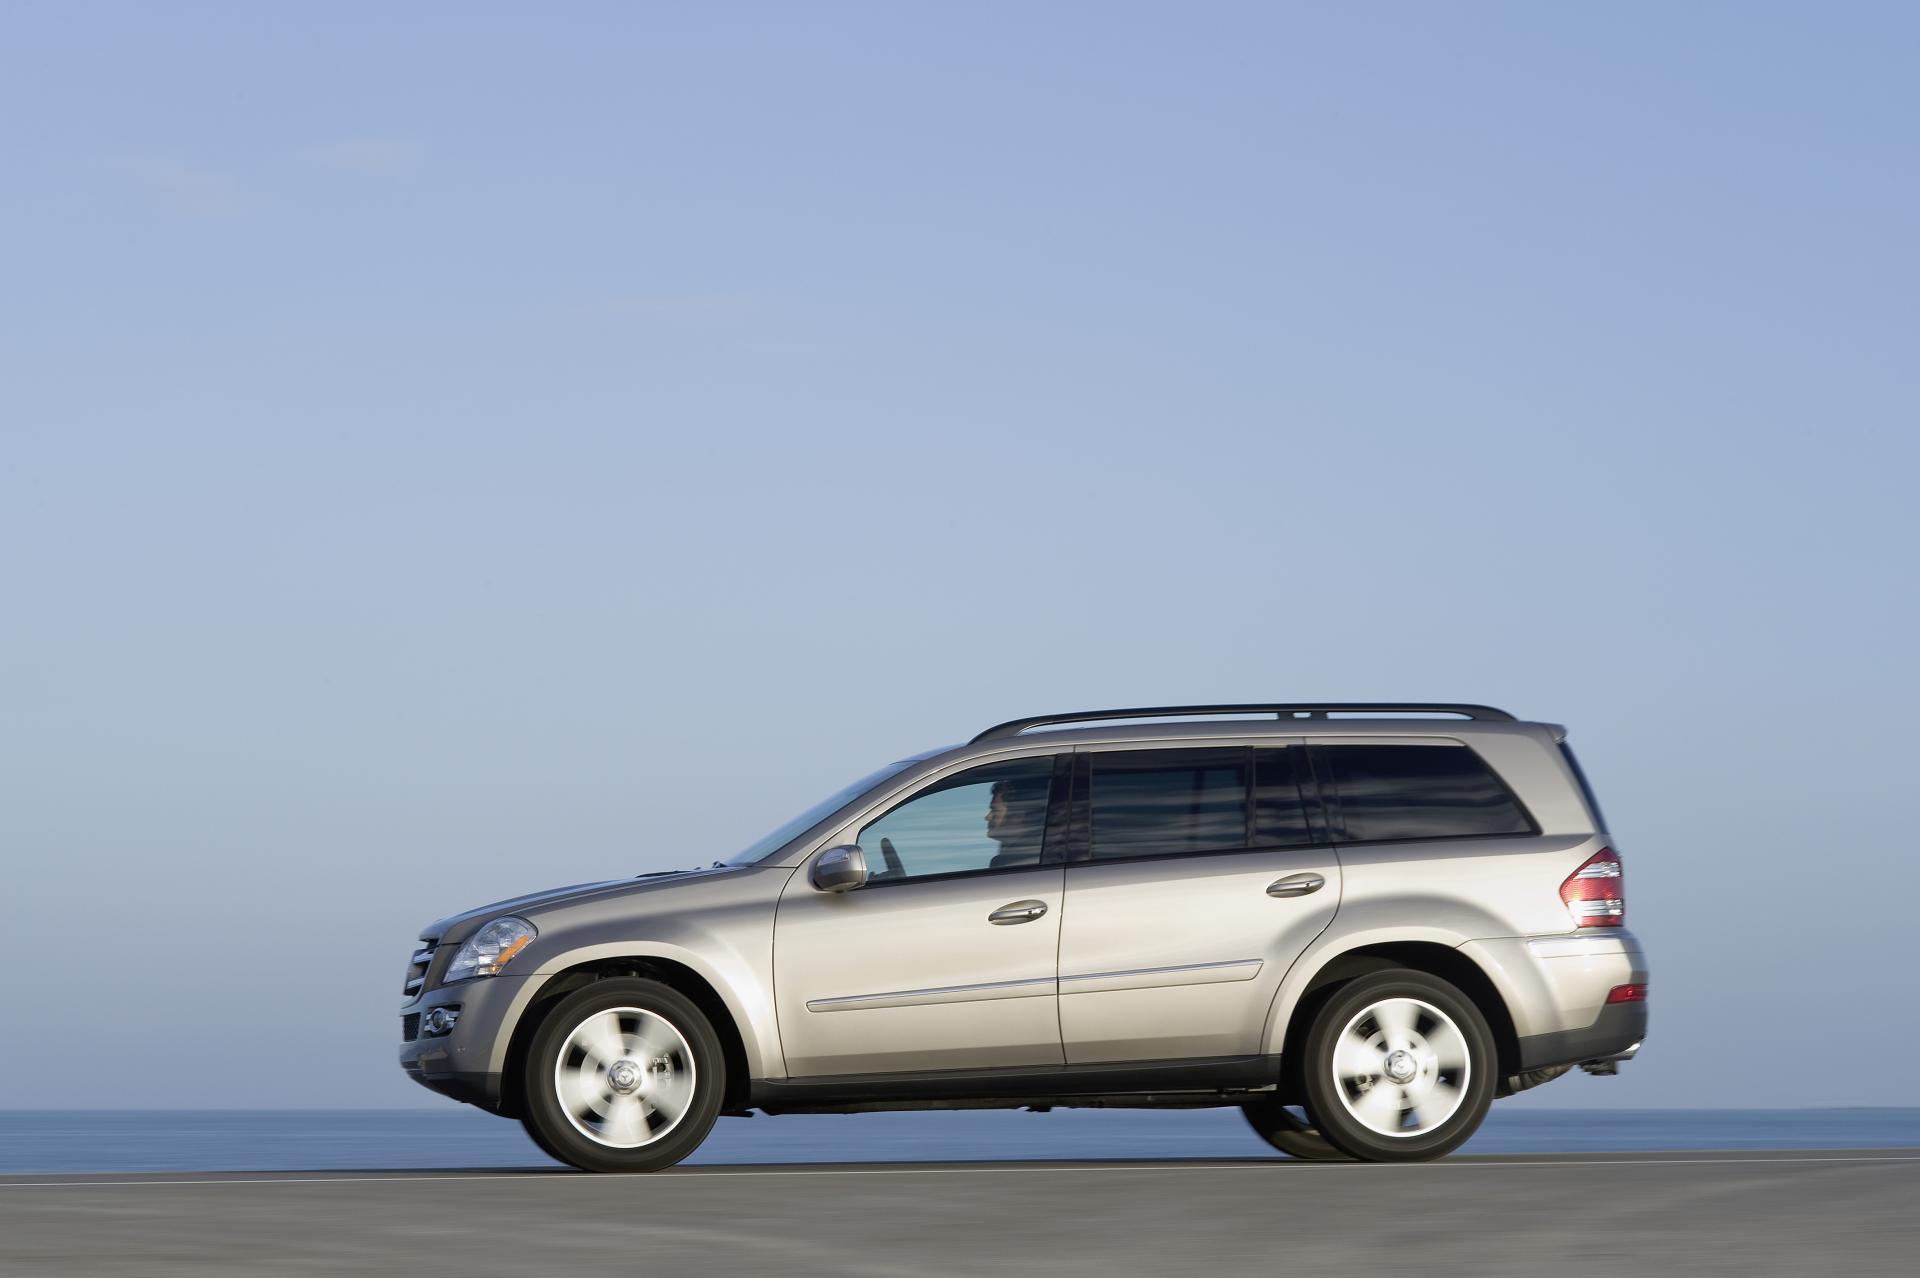 2012 mercedes benz gl class news and information for Mercedes benz gl class suv price